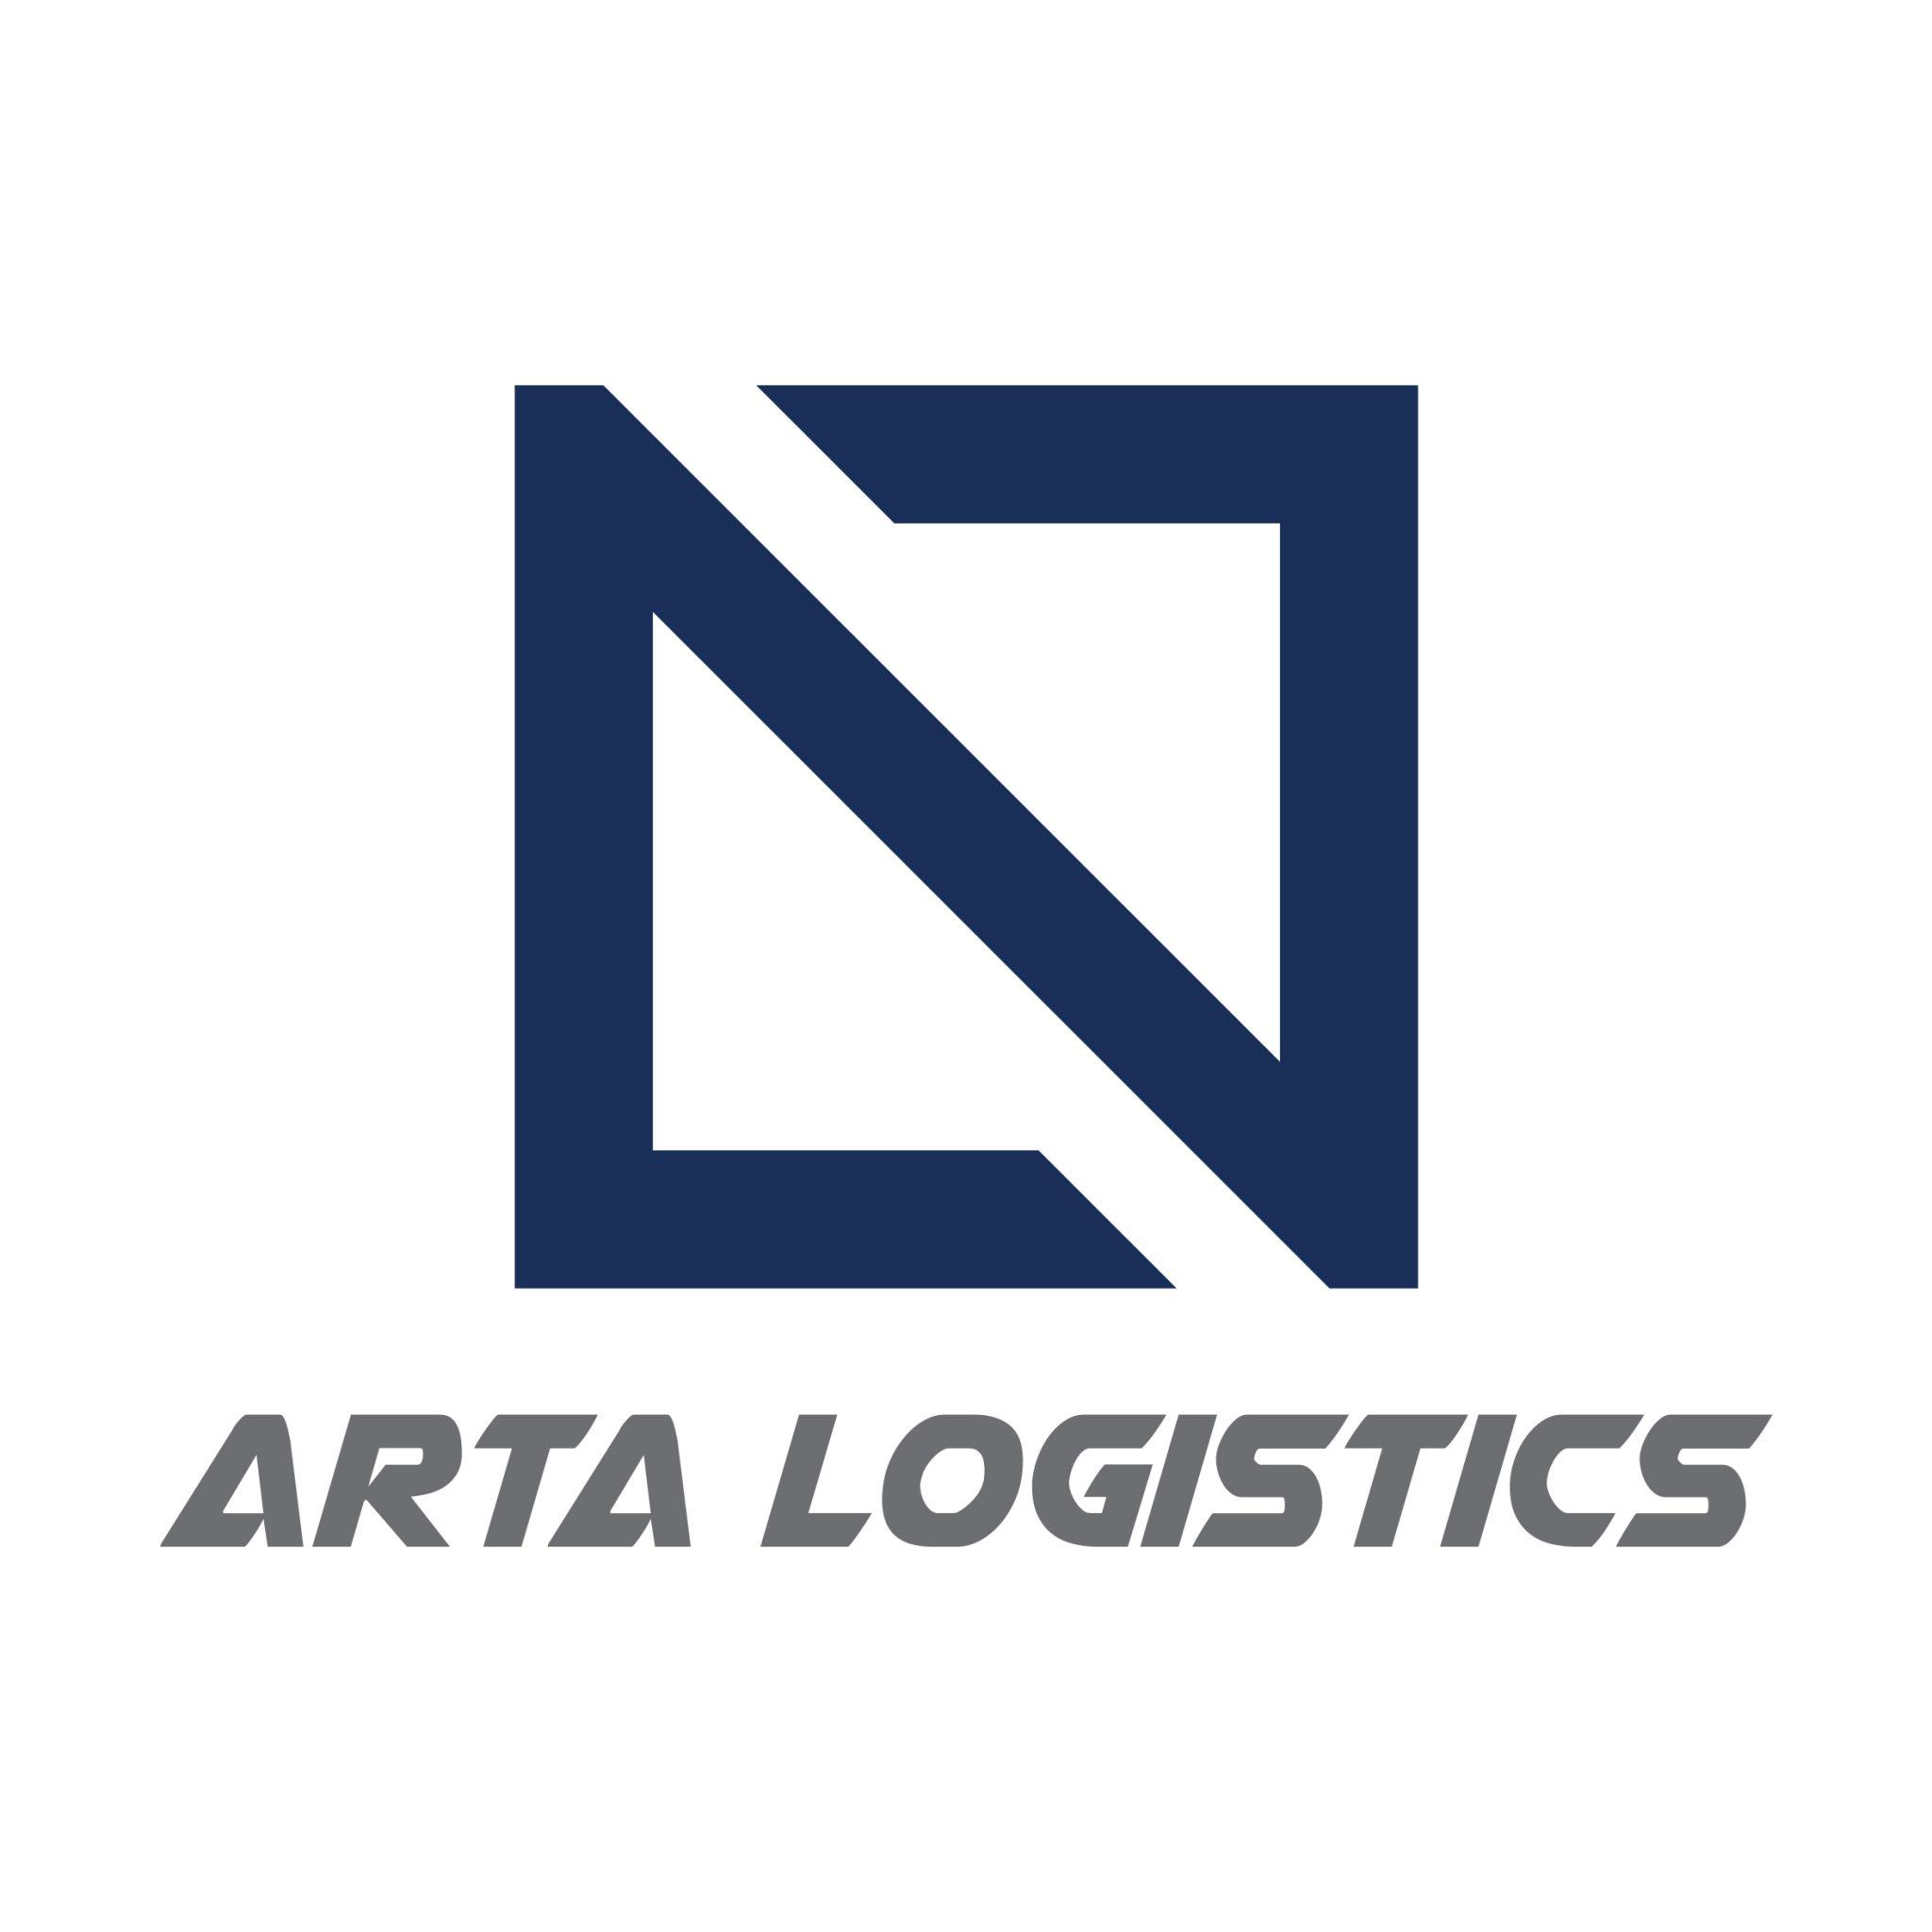 َAbout us شرکت حمل و نقل بین المللی آرتا لجستیک